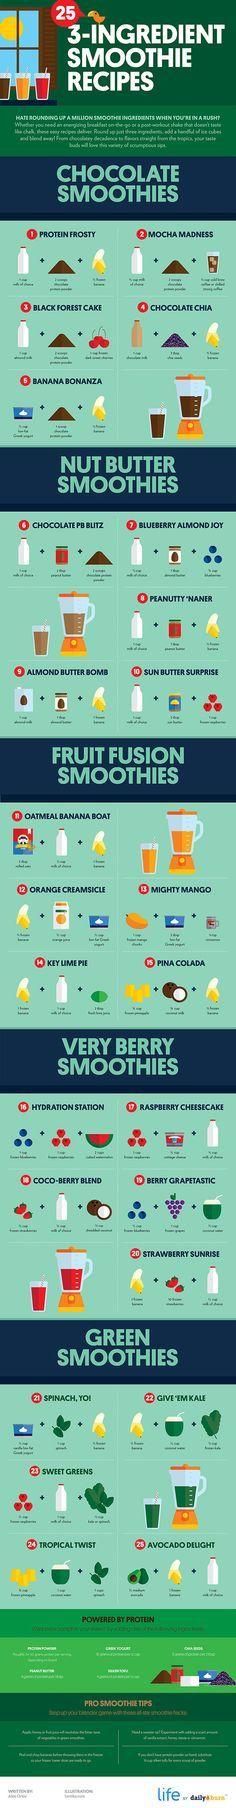 3-ingredient smoothi